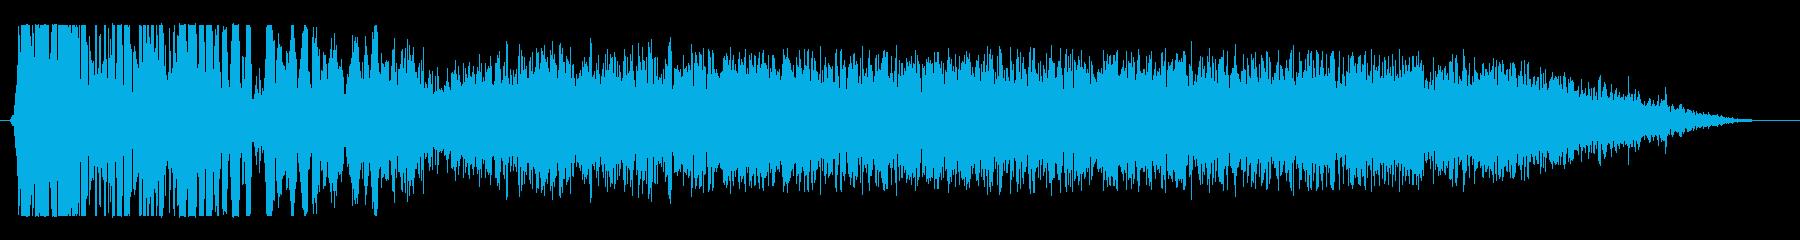 ロケット発射音(ボン・シューー)の再生済みの波形